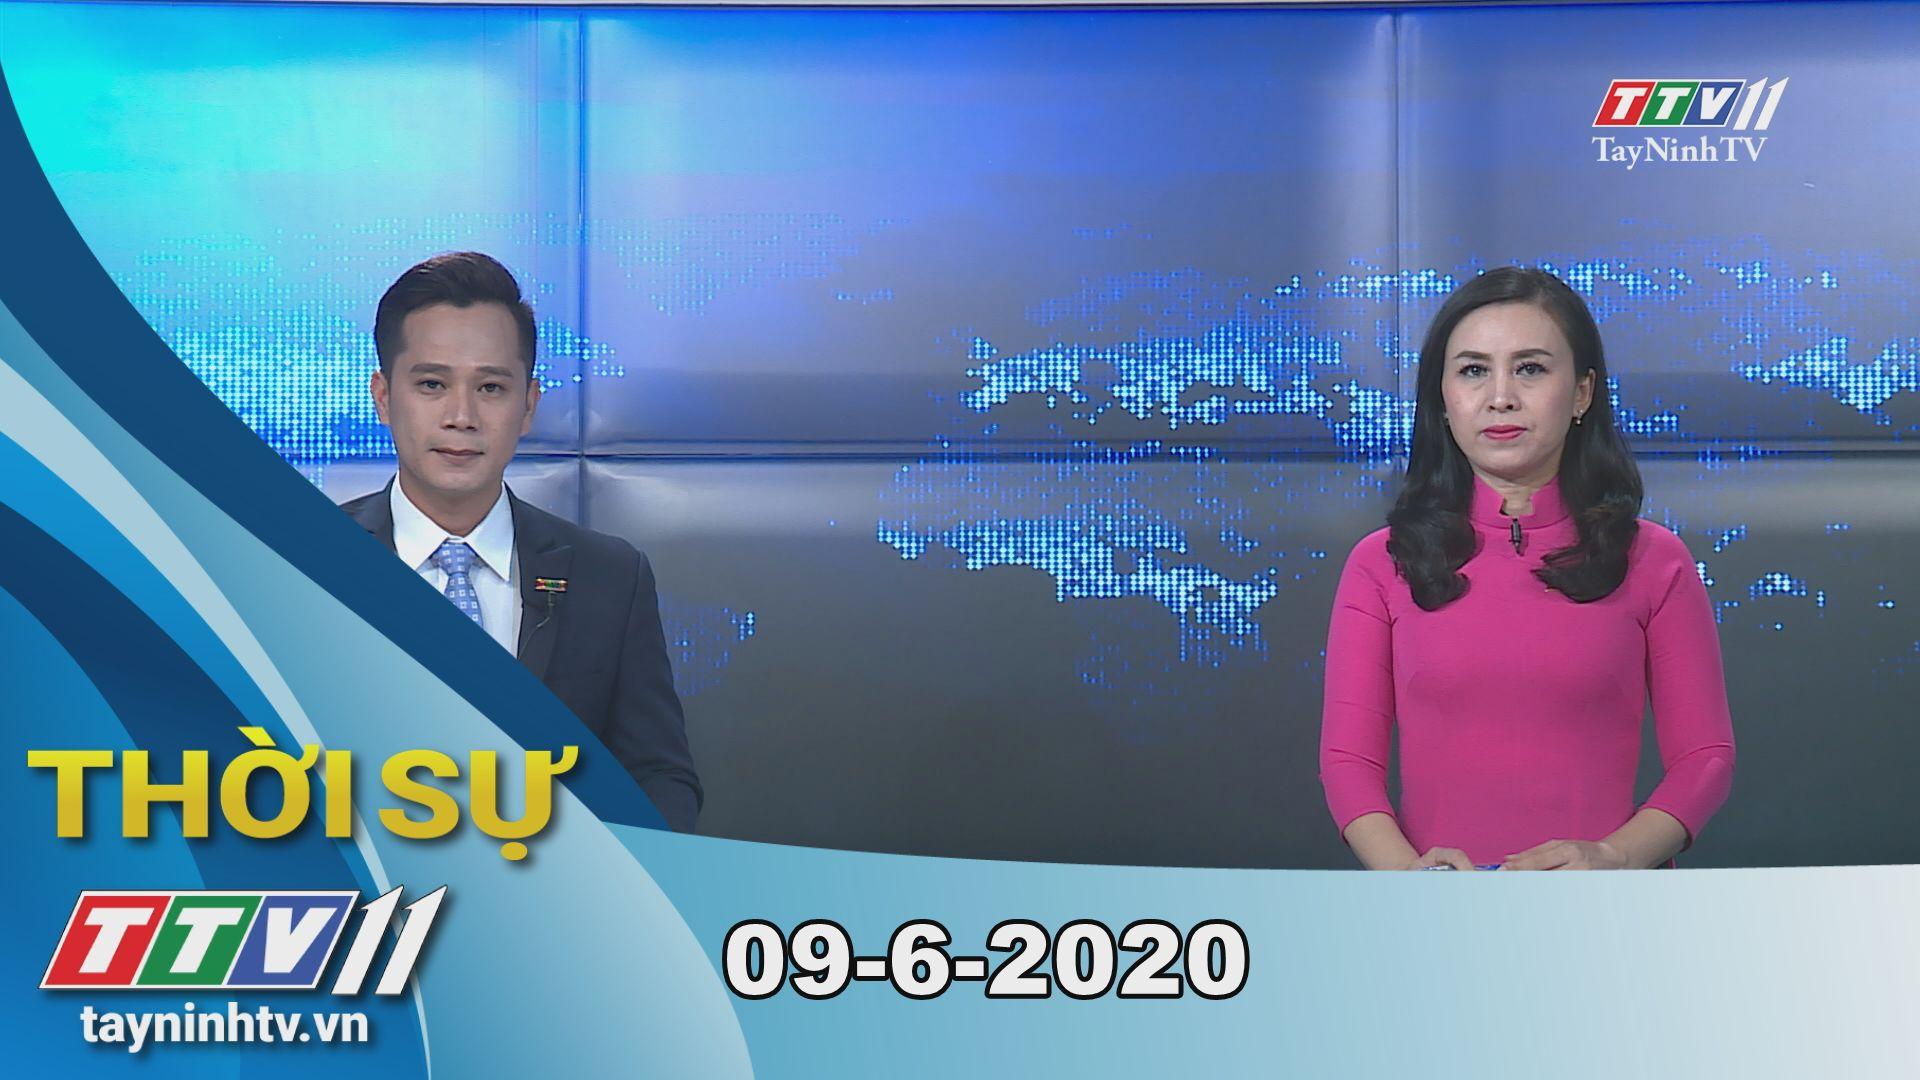 Thời sự Tây Ninh 09-6-2020   Tin tức hôm nay   TayNinhTV